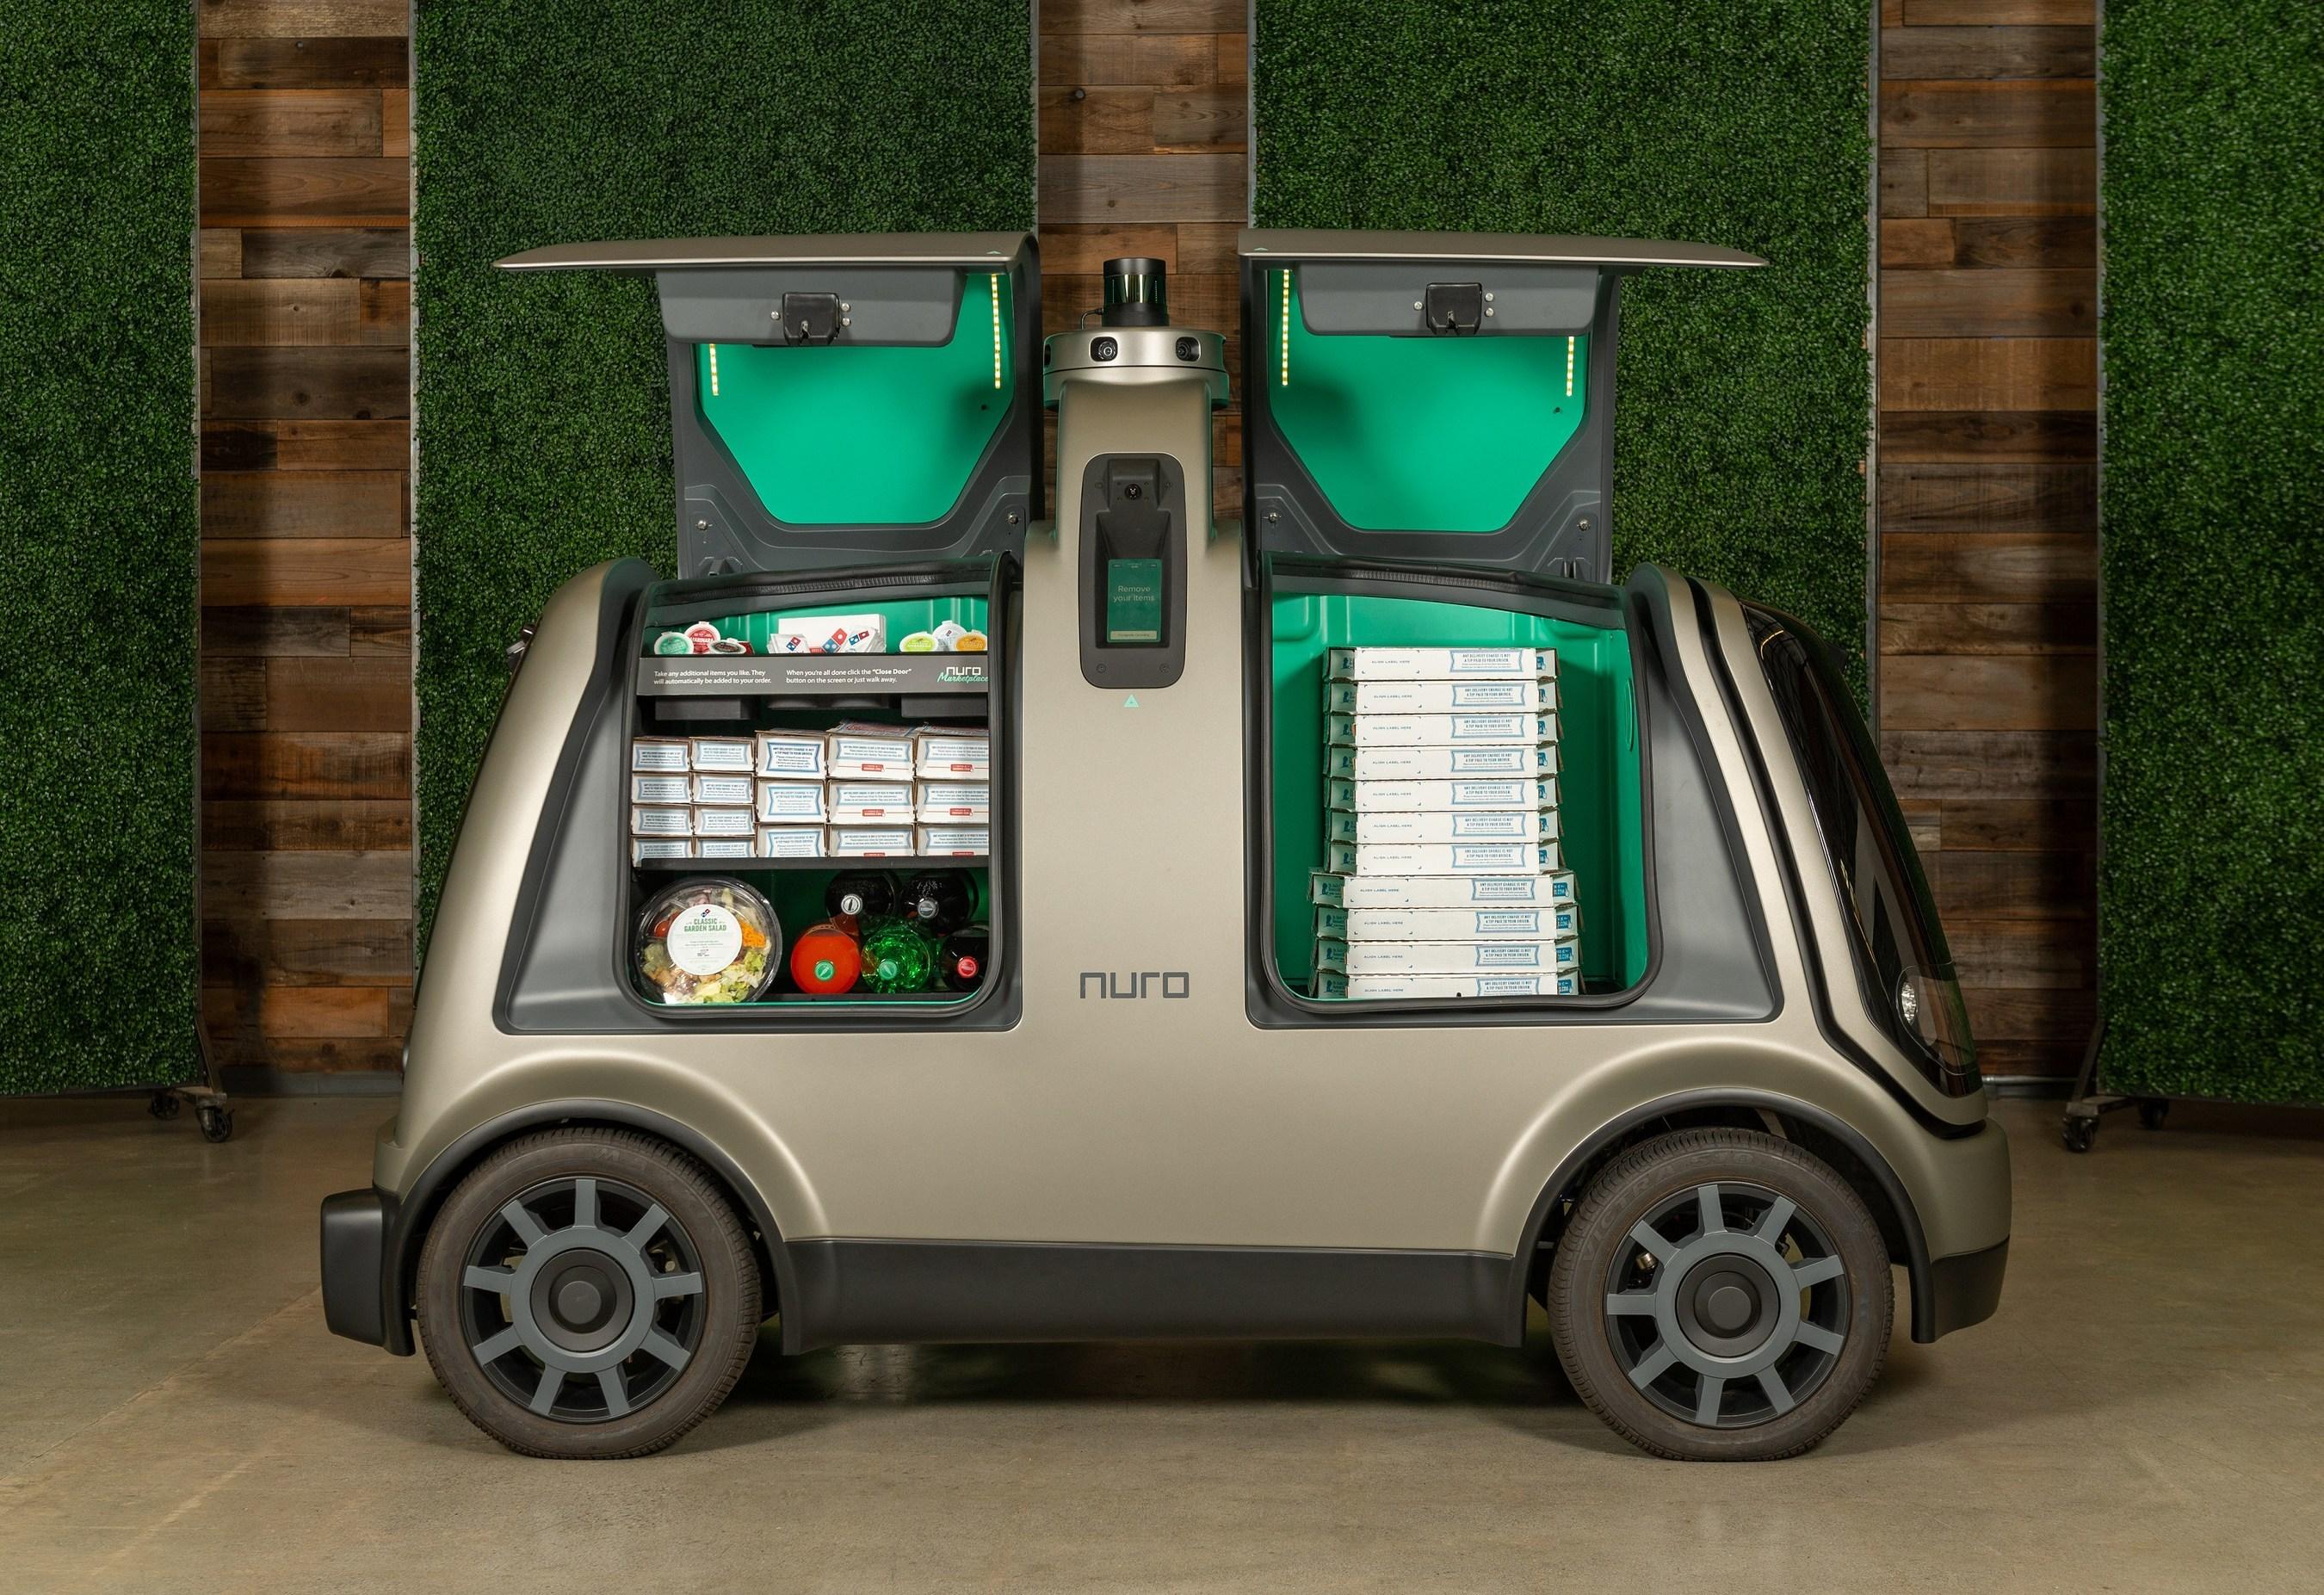 피자 배달까지 무인 자동차가..도미노피자, 누로 R2 활용한 파일럿 프로젝트 공개